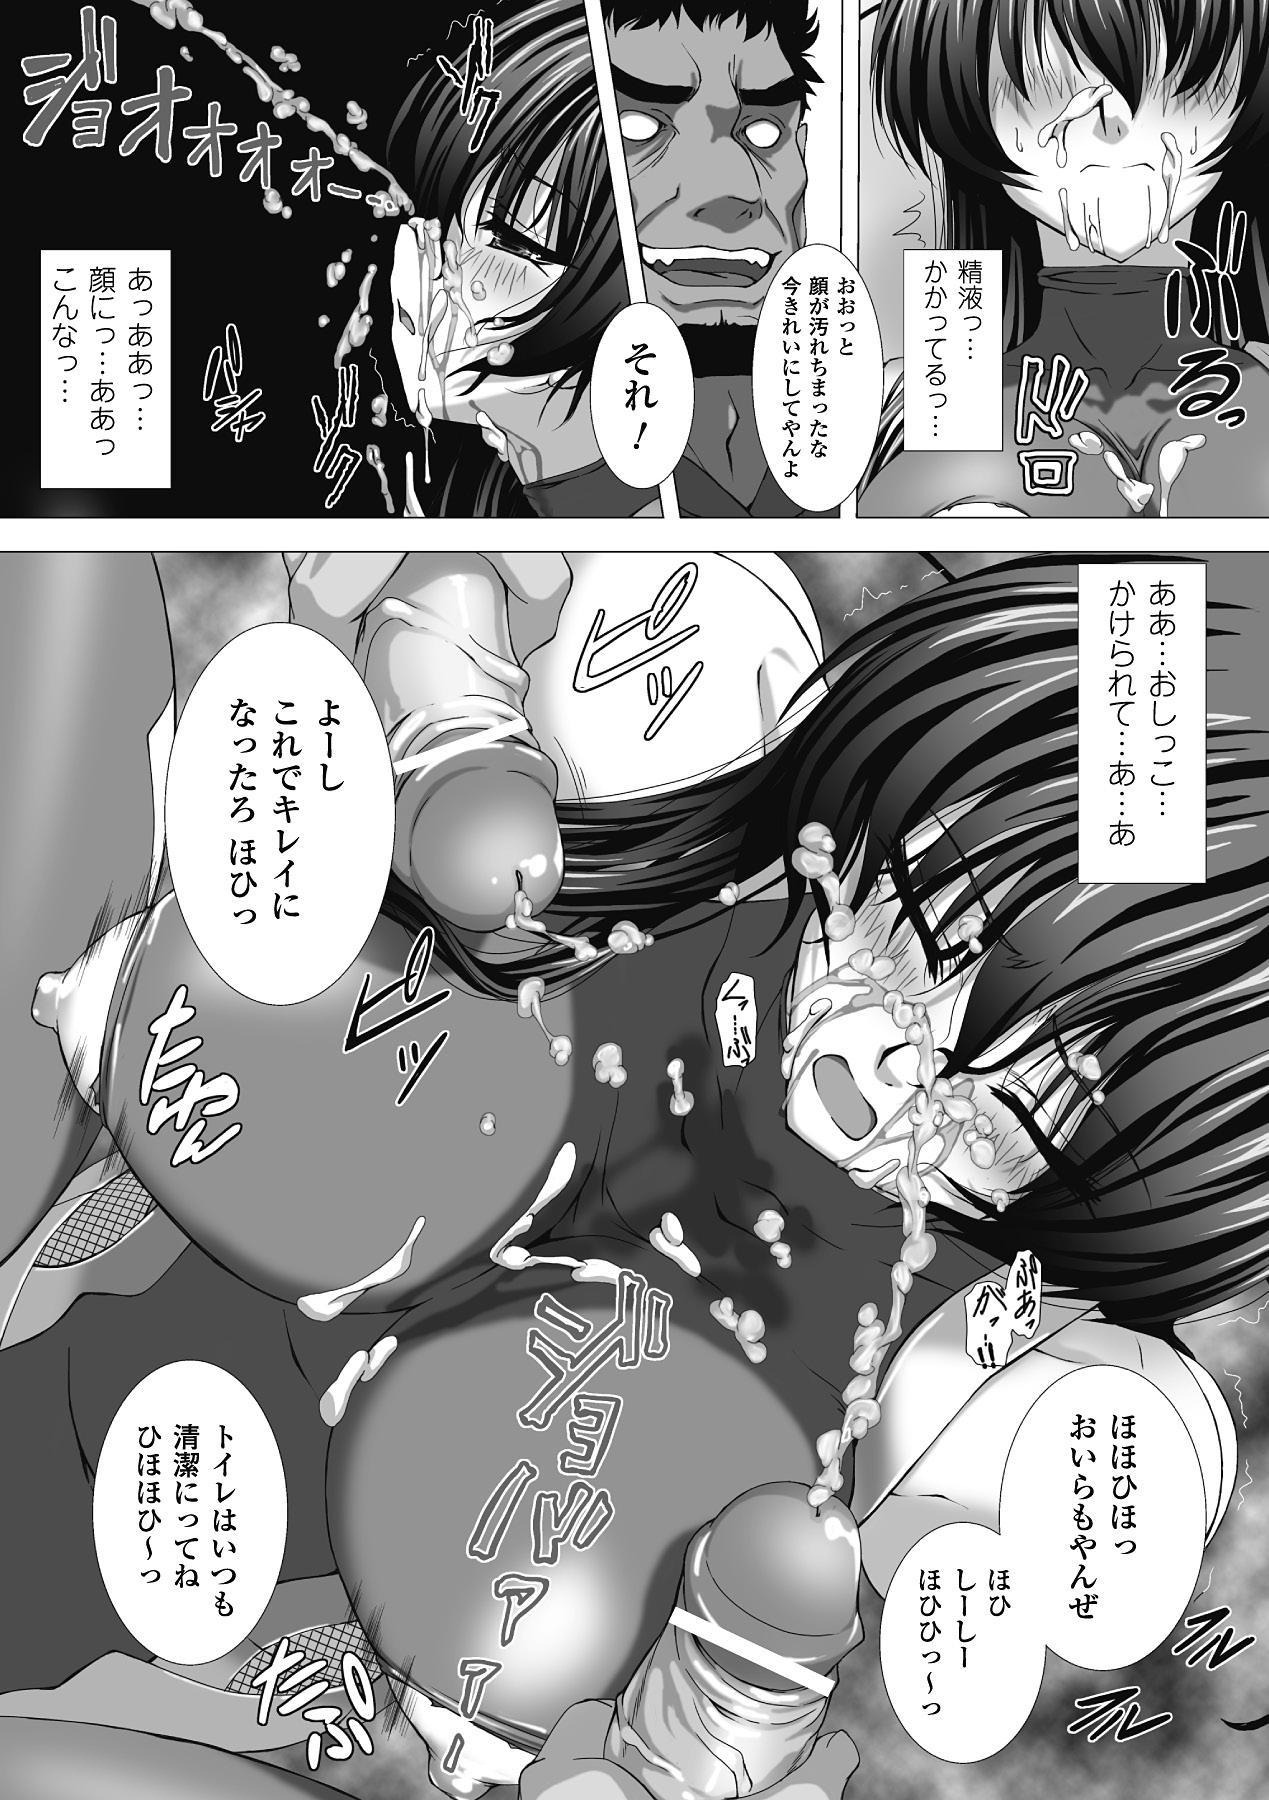 Taimanin Asagi Hajigyaku no Ankokuyuugi THE COMIC 110